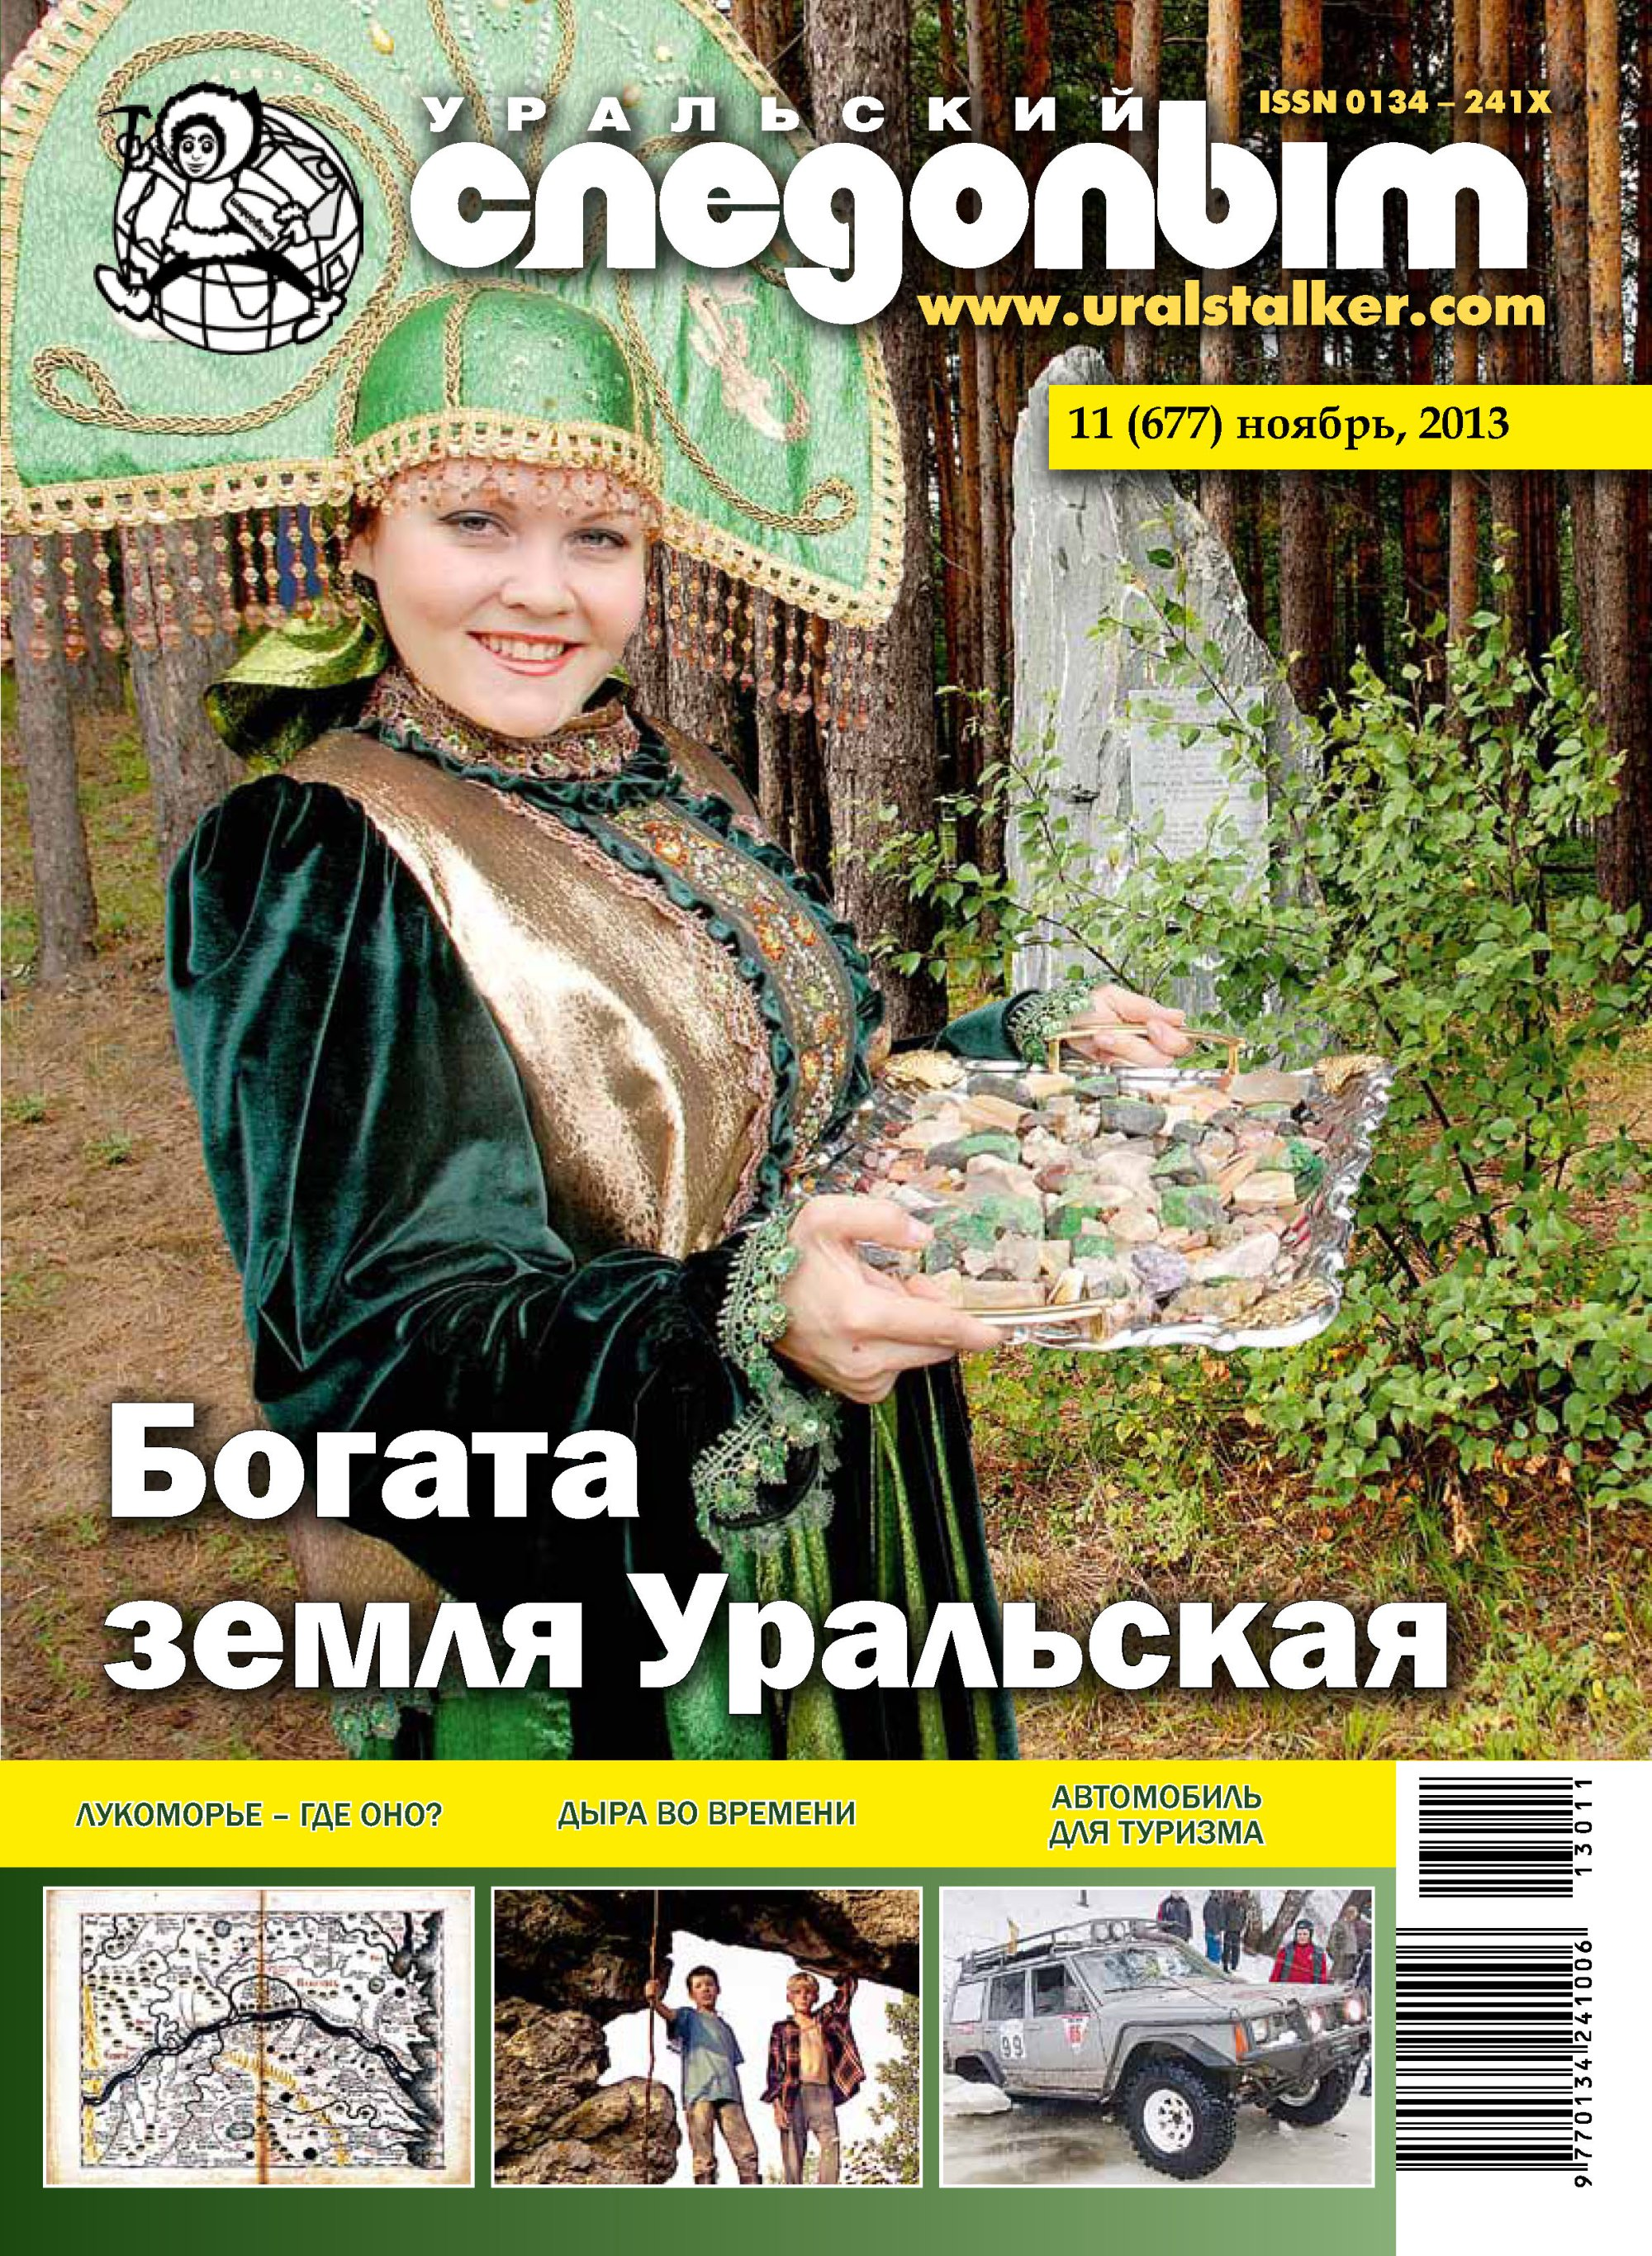 Отсутствует Уральский следопыт №11/2013 отсутствует журнал хакер 11 2013